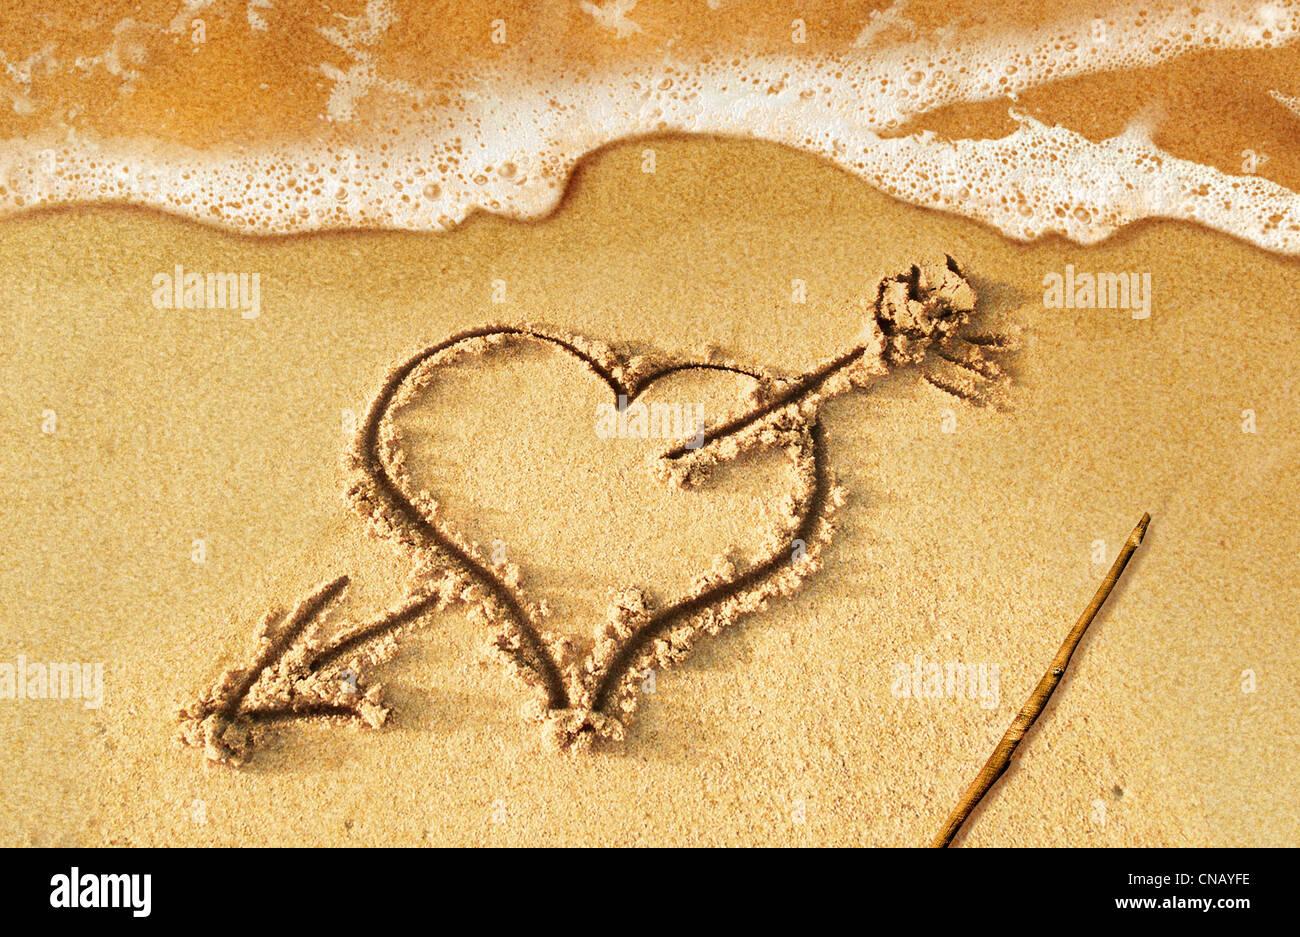 Coeur avec flèche, comme signe d'amour, tiré sur le rivage de la plage, avec un peu d'eau et de mousse provenant Banque D'Images